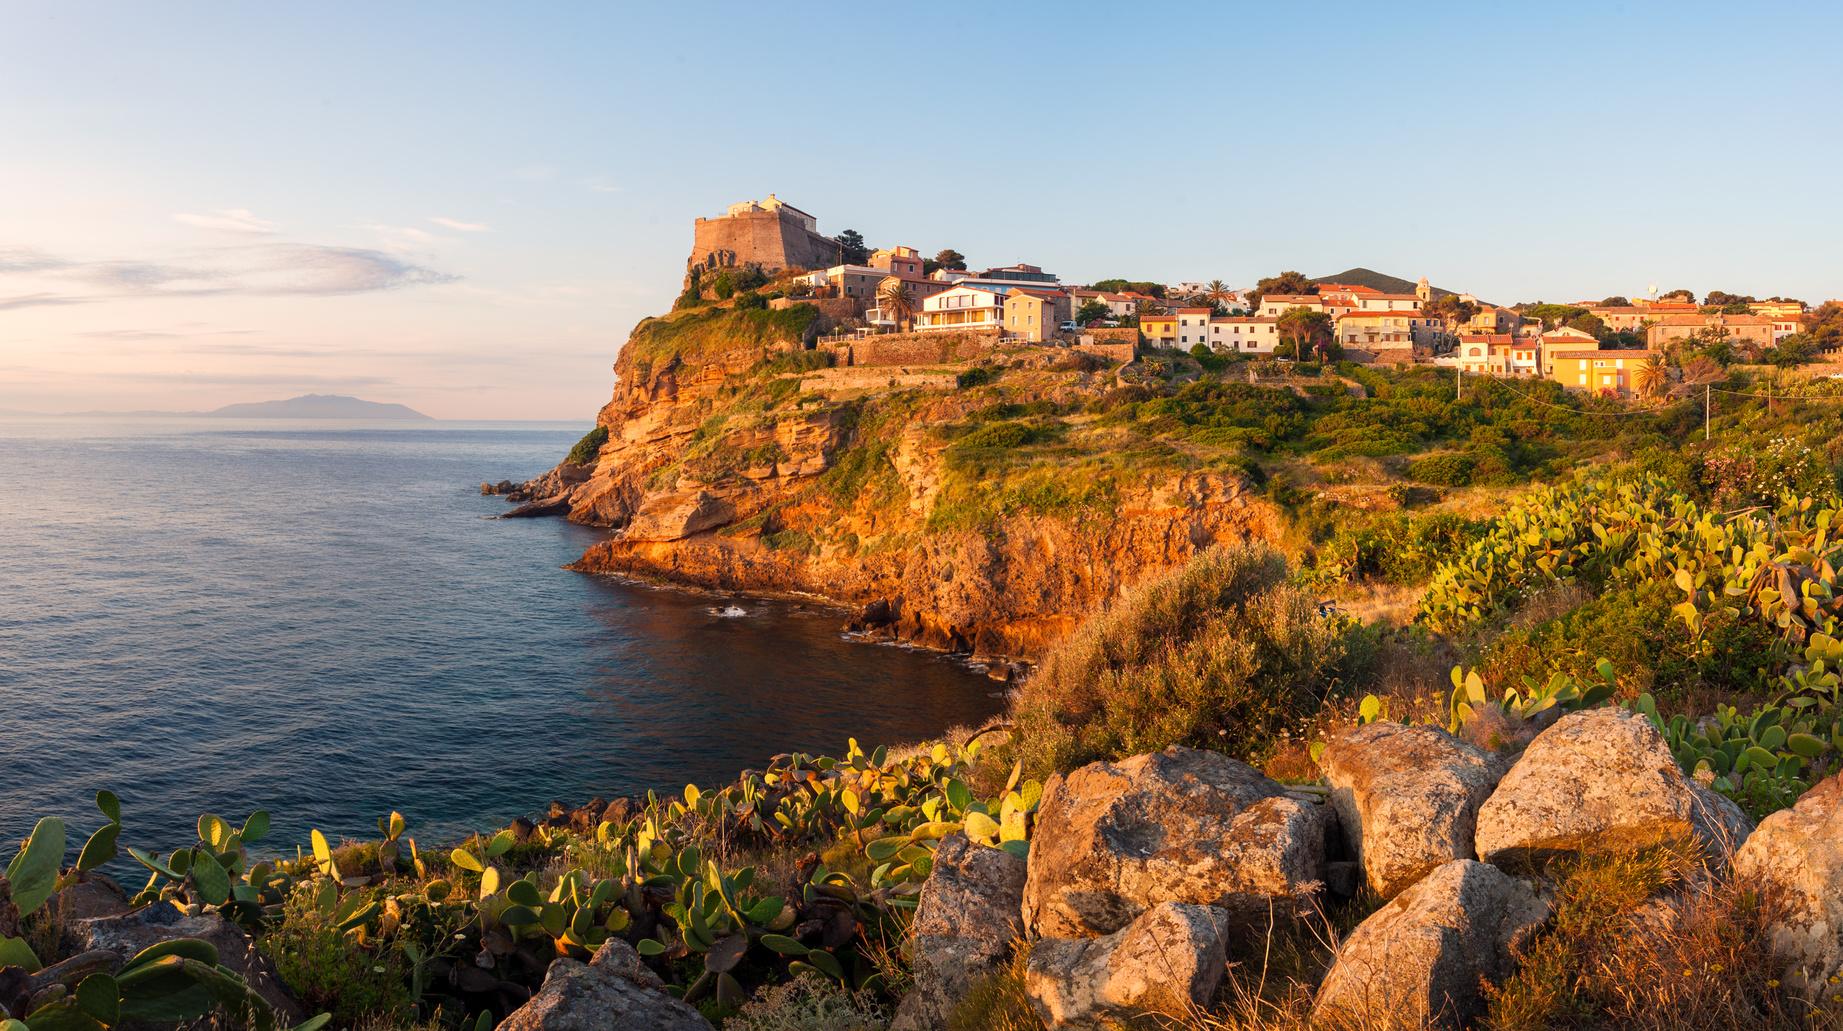 Panorama of Capraia city on the rock of Isola di Capraia island